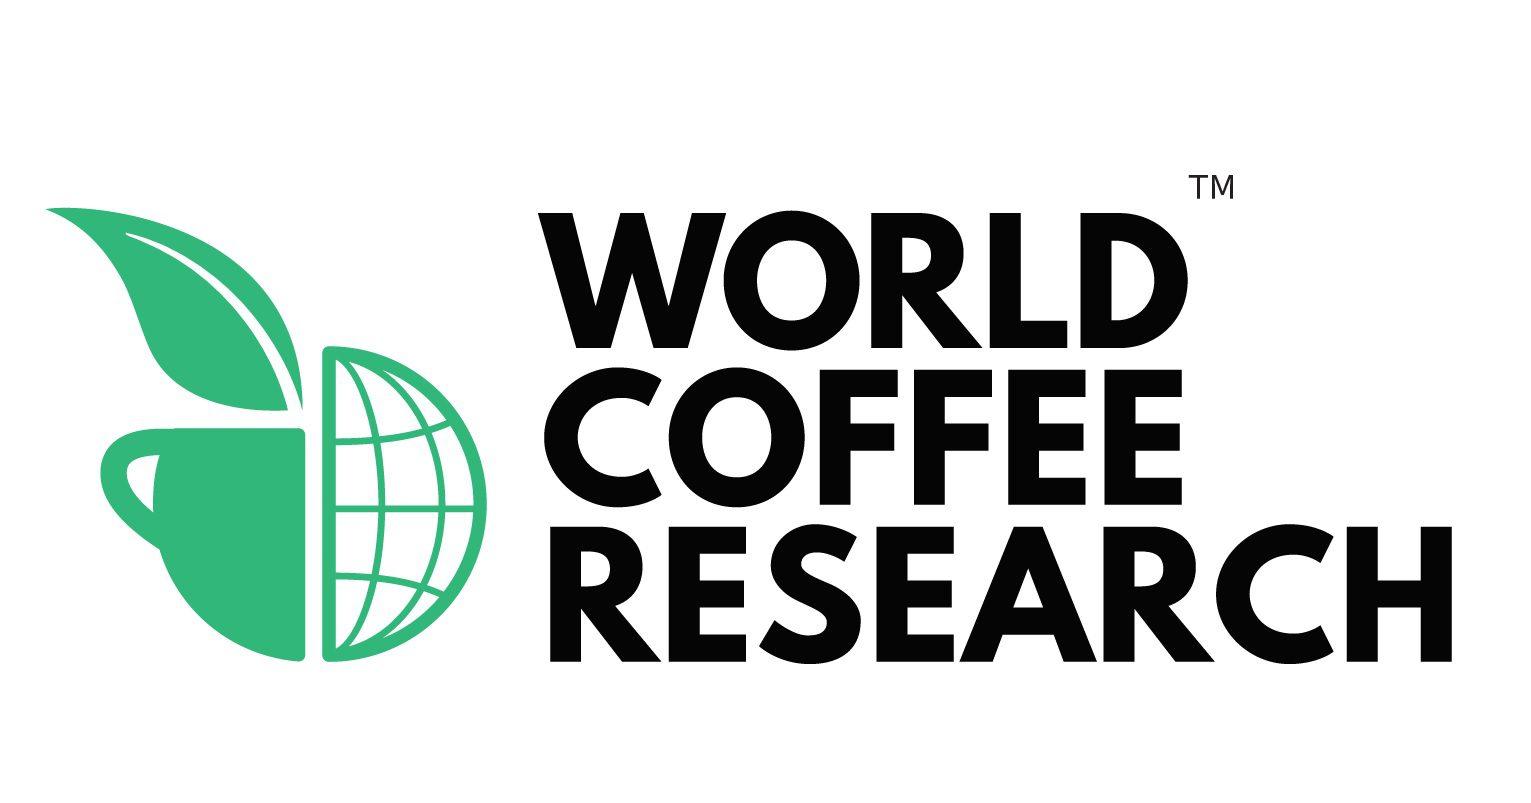 Assorted Nursery Discount Code Wcr Kicks Off Verified Program Coffee Seed Nursery Farmers Seed Nursery Producers Woods Farmers Seed houzz-03 Farmers Seed And Nursery